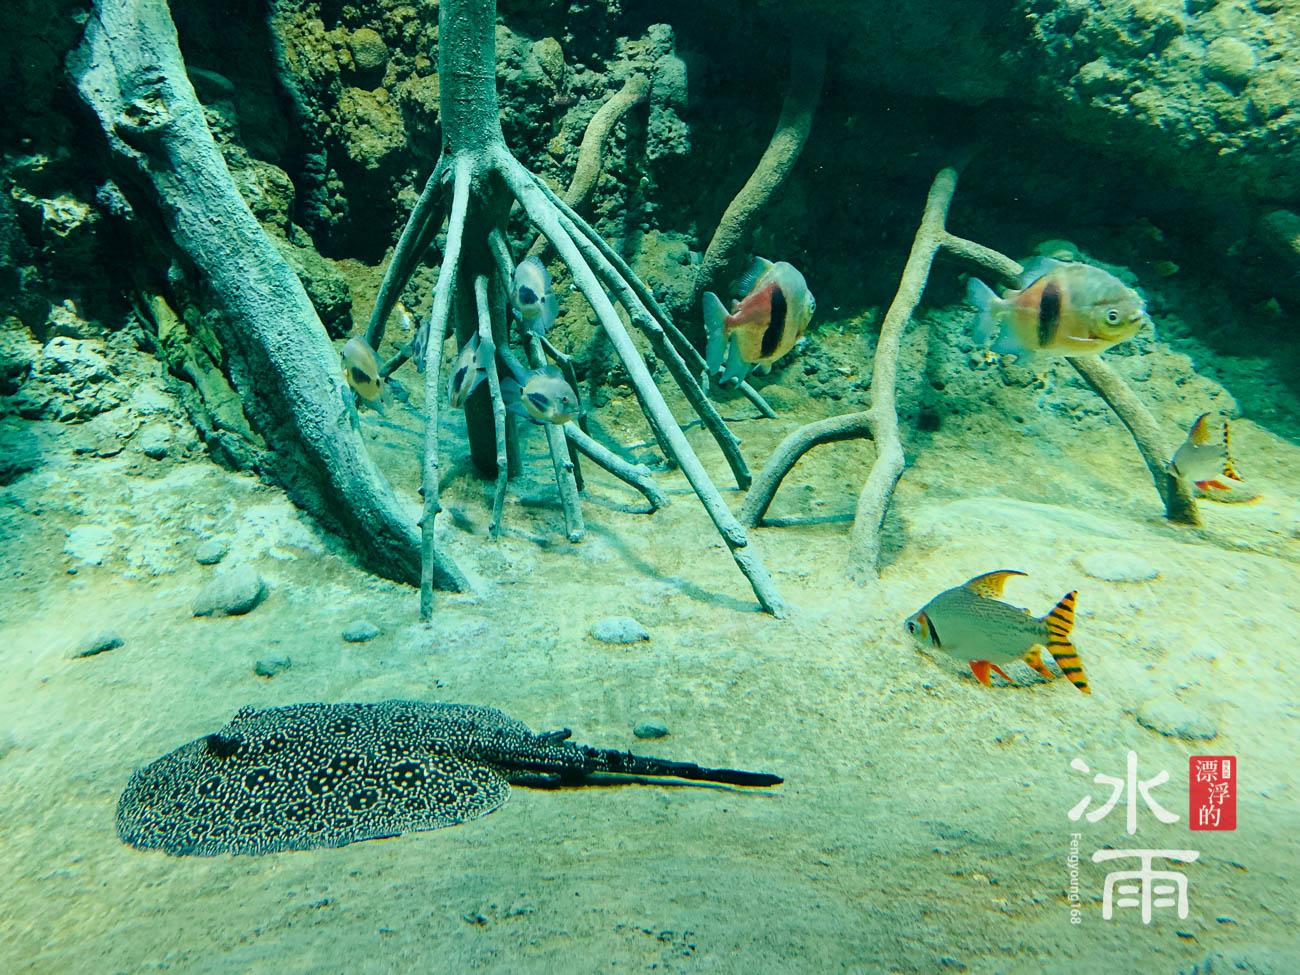 Xpark水族館|雨林探險